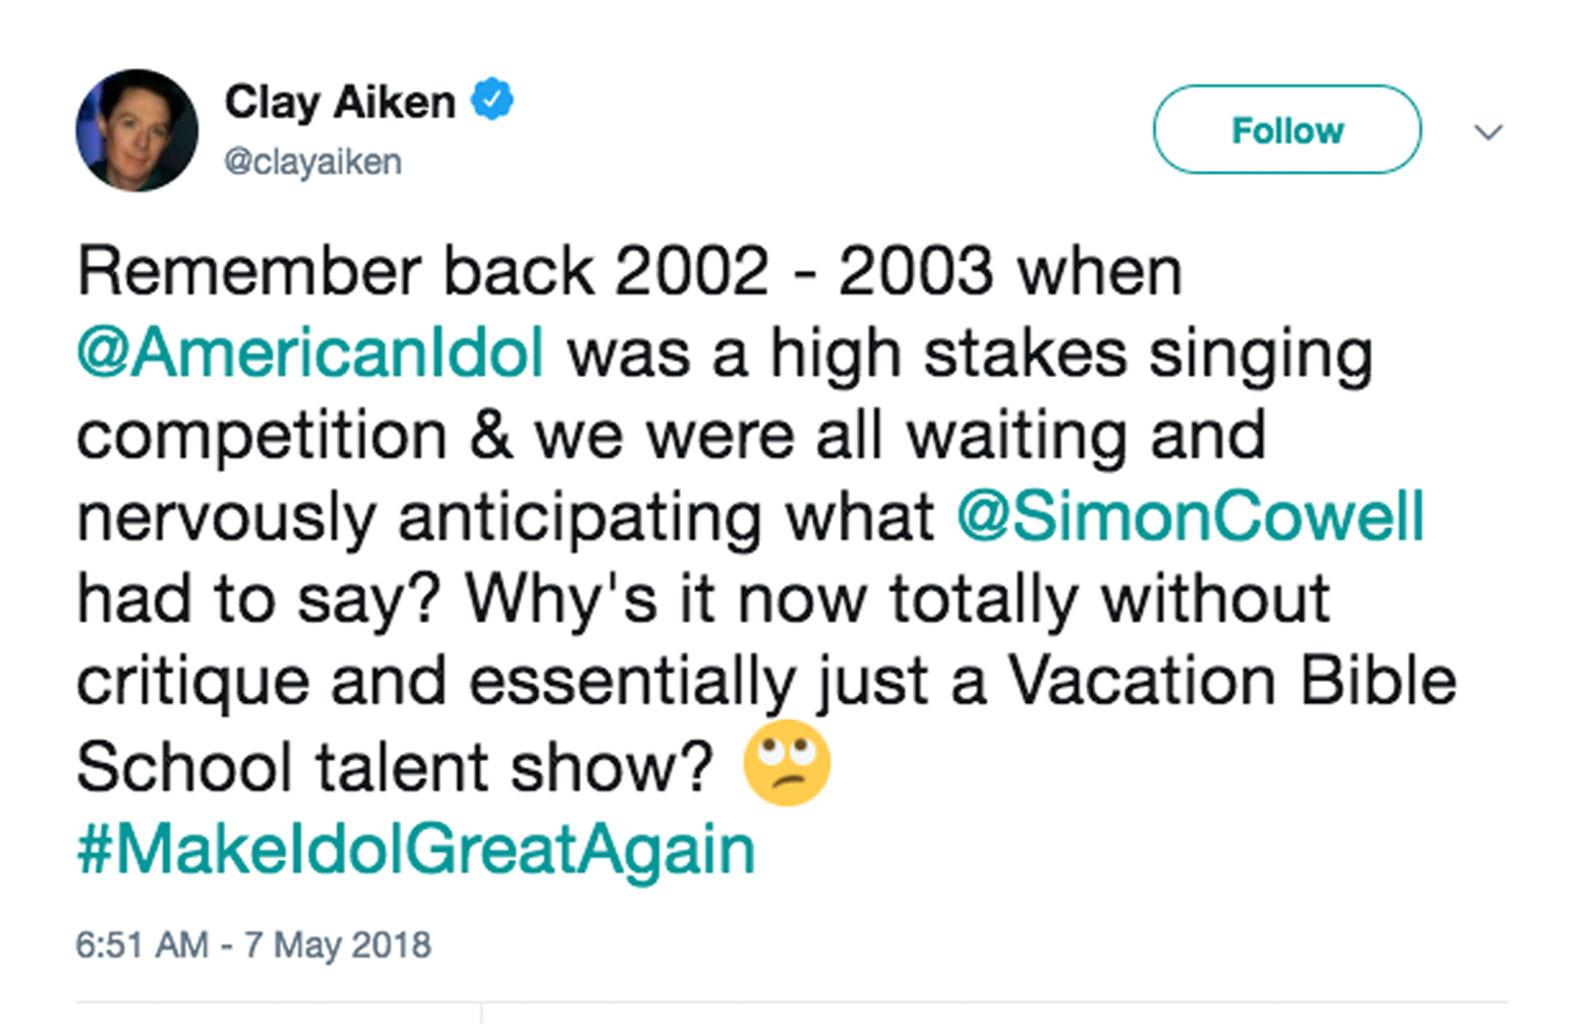 Clay Aiken, Twitter